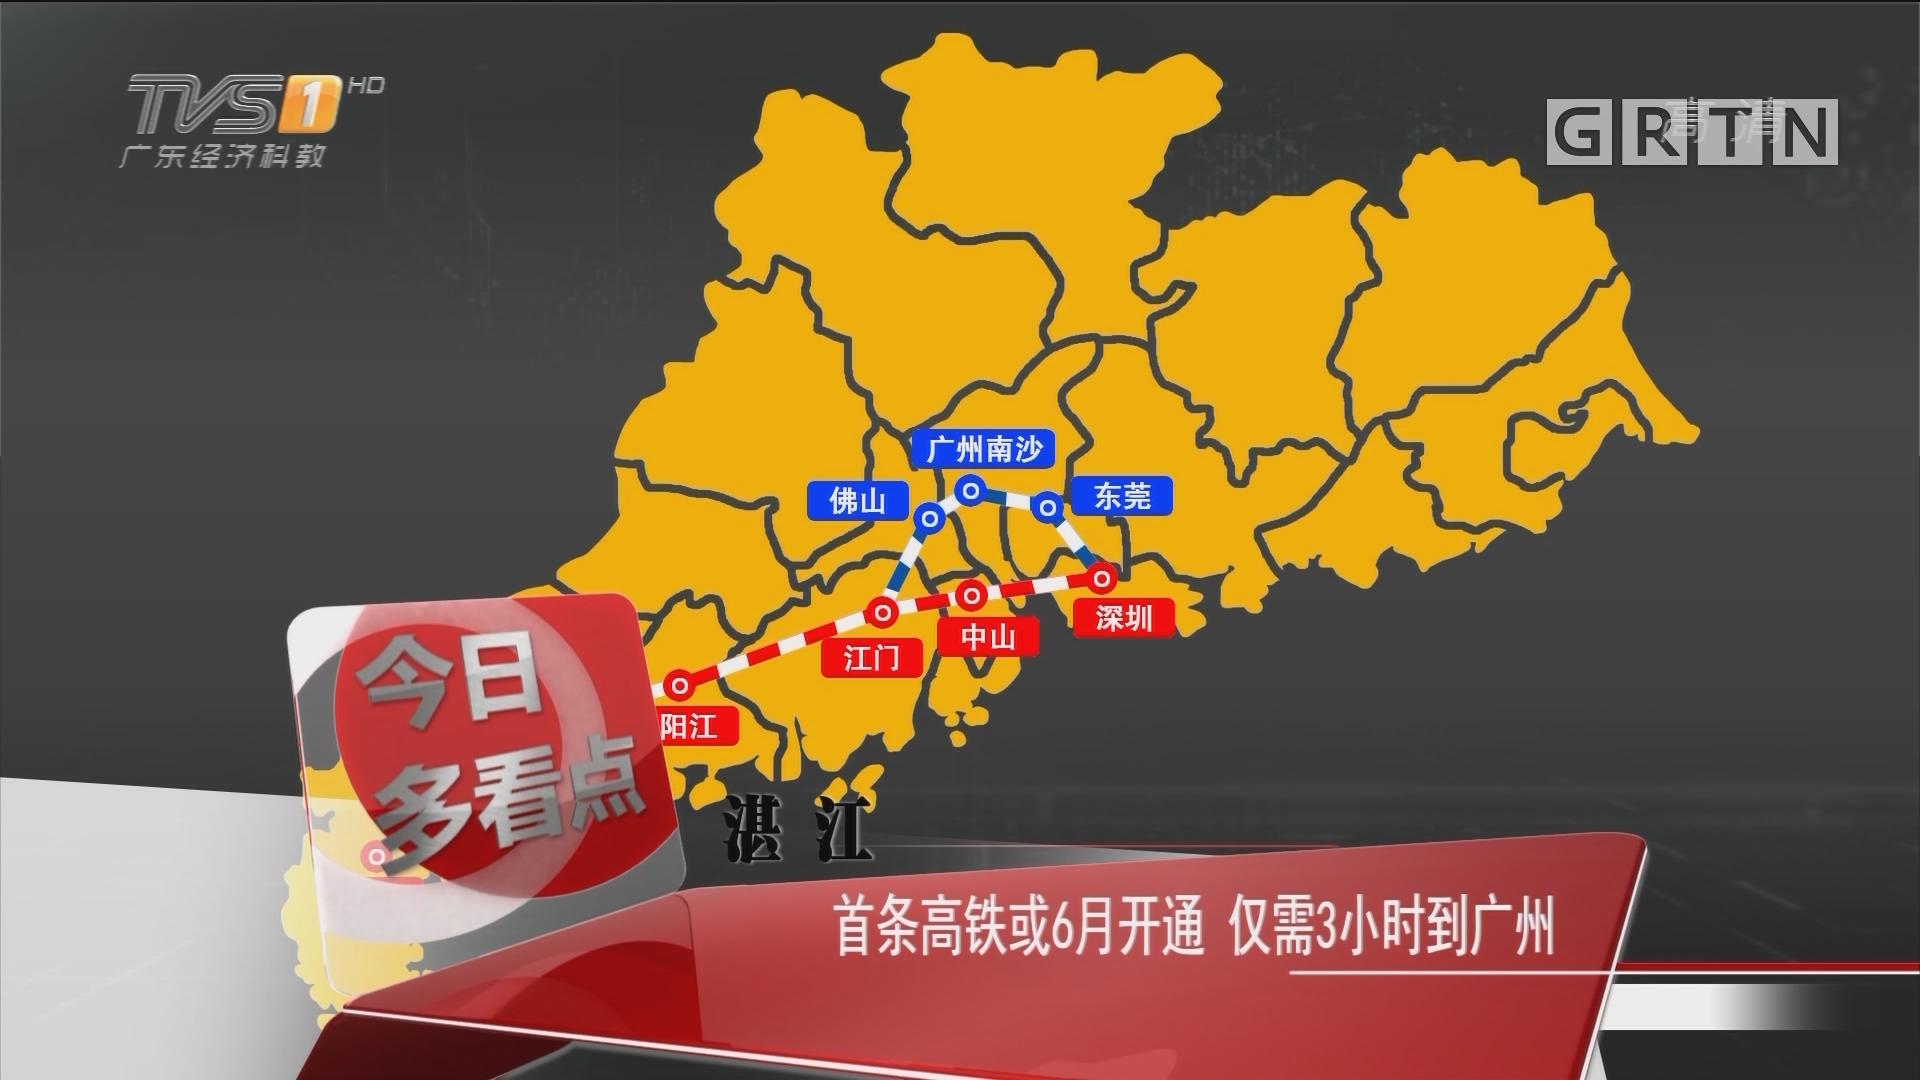 湛江:首条高铁或6月开通 仅需3小时到广州